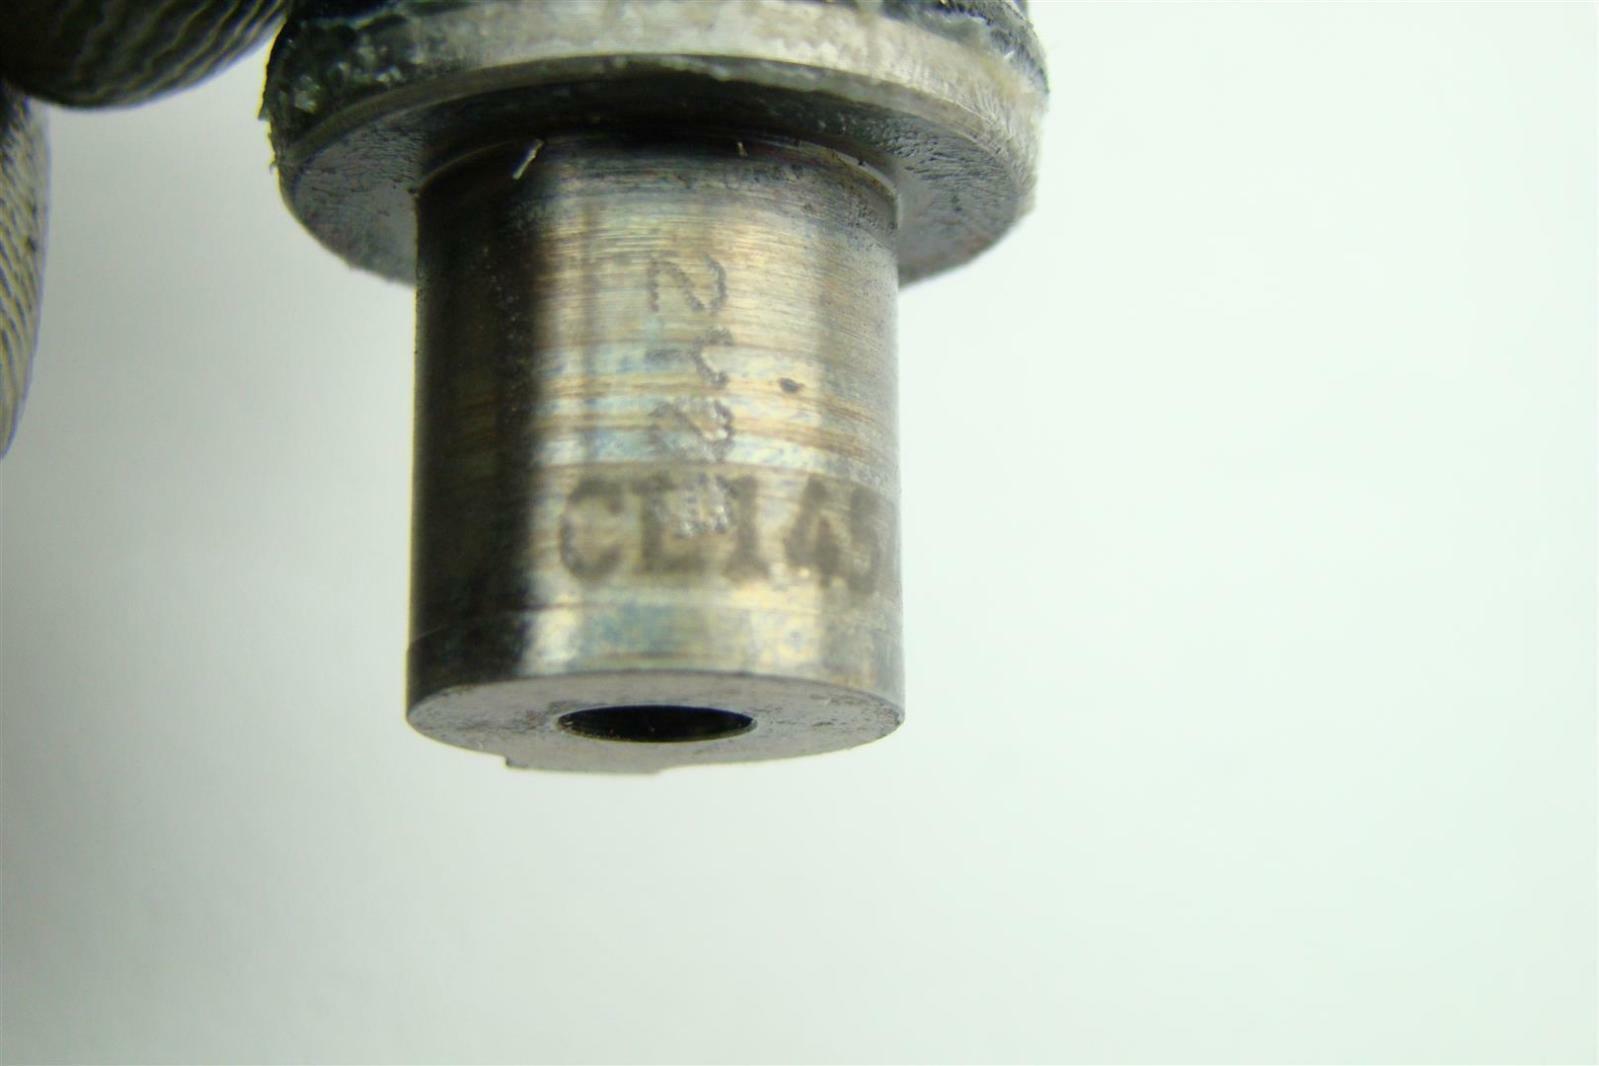 NLB Corp CJ2800-M147 Cold Jet Nozzle Connector